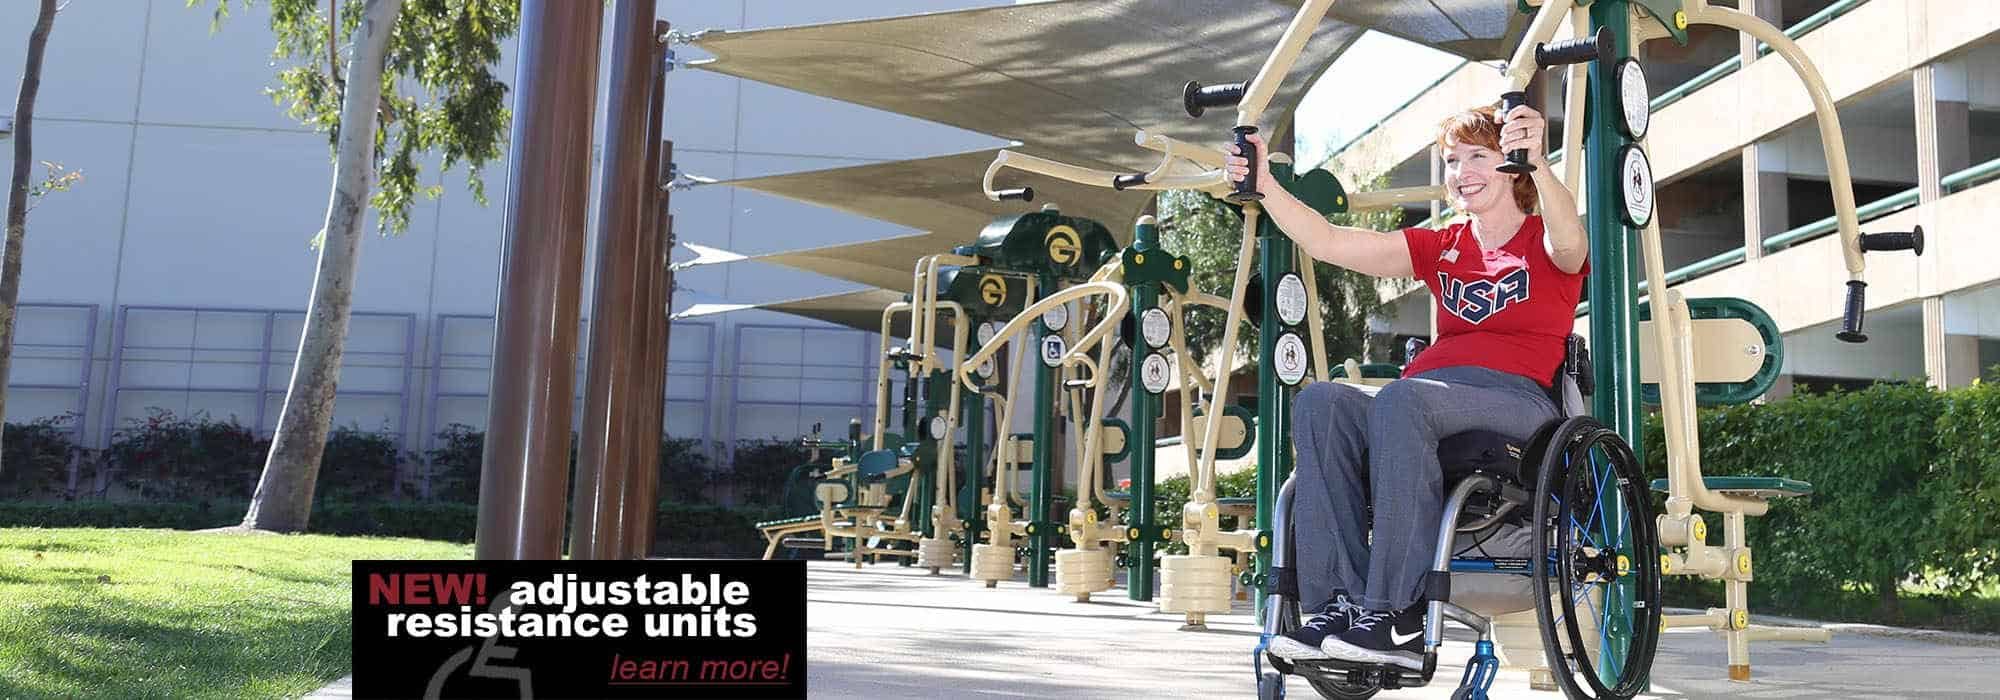 ADA accessible units